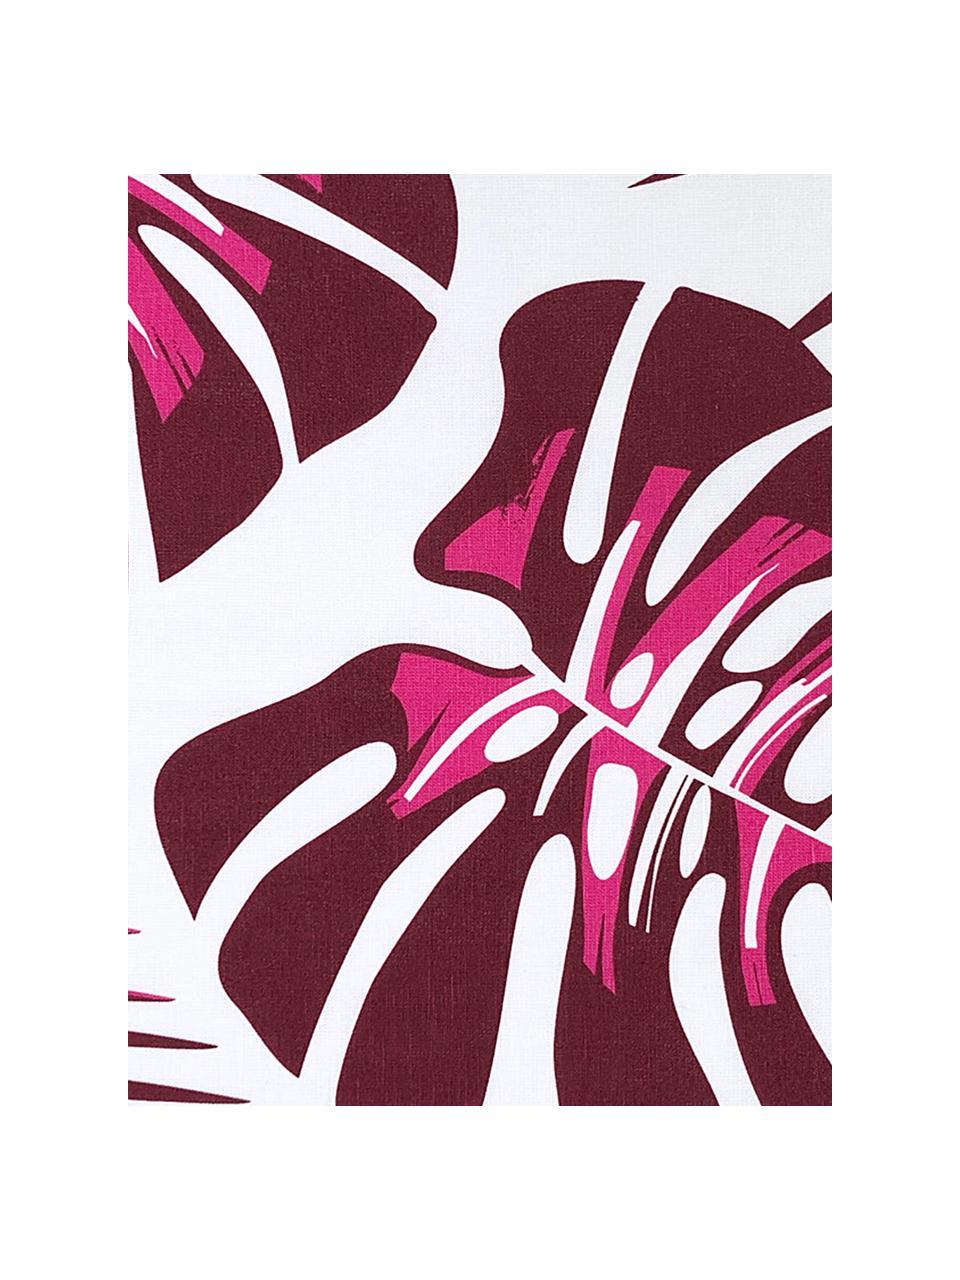 Ręcznik kuchenny Urban Jungle, 2 szt., 50% len, 50% bawełna, Biały, bordowy, S 50 x D 70 cm